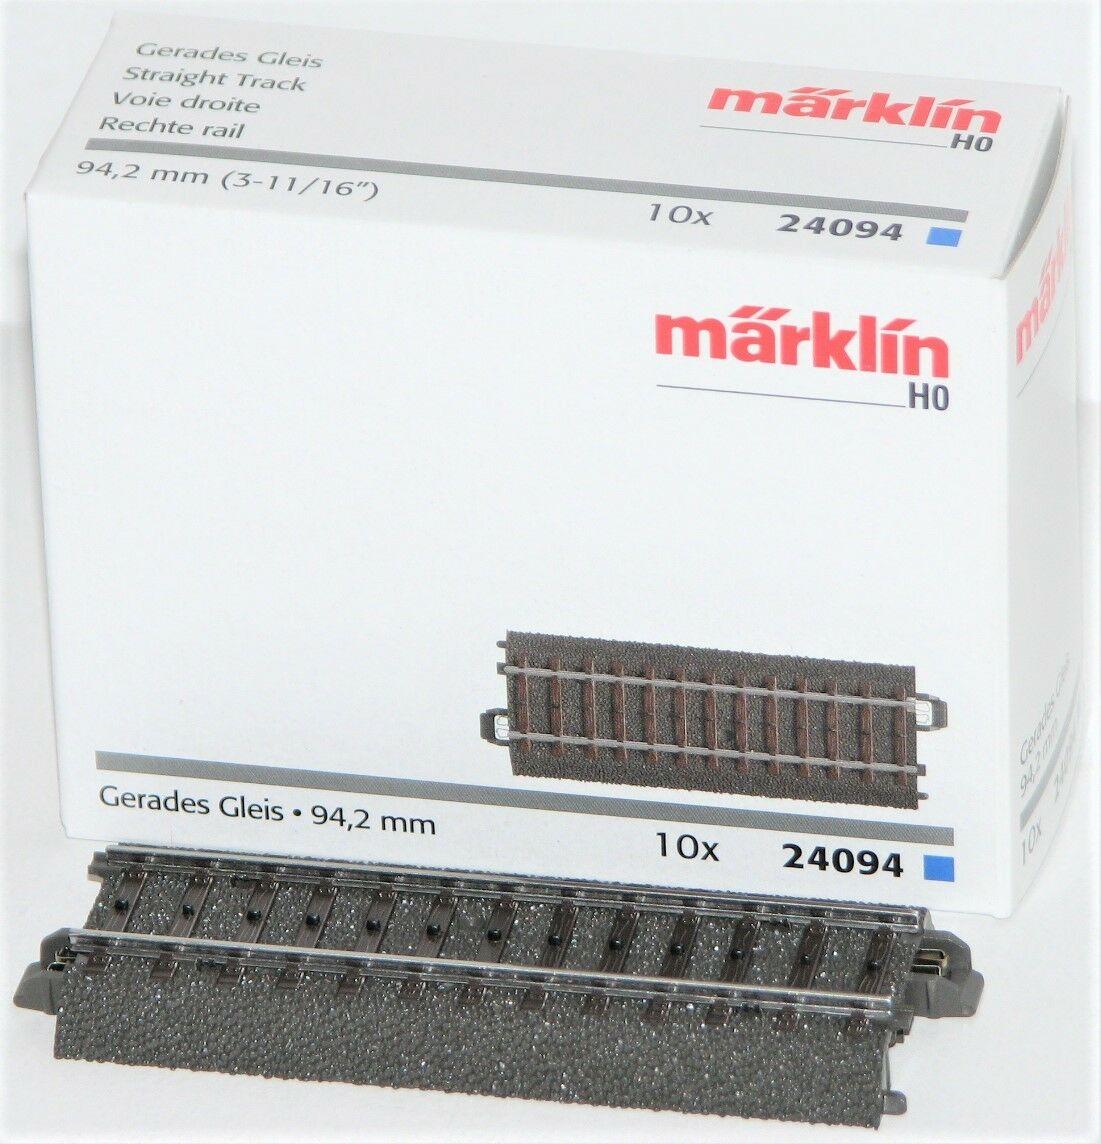 NEU + Märklin 24094 H0 C-Gleis Gerades Gleis 94,2 mm